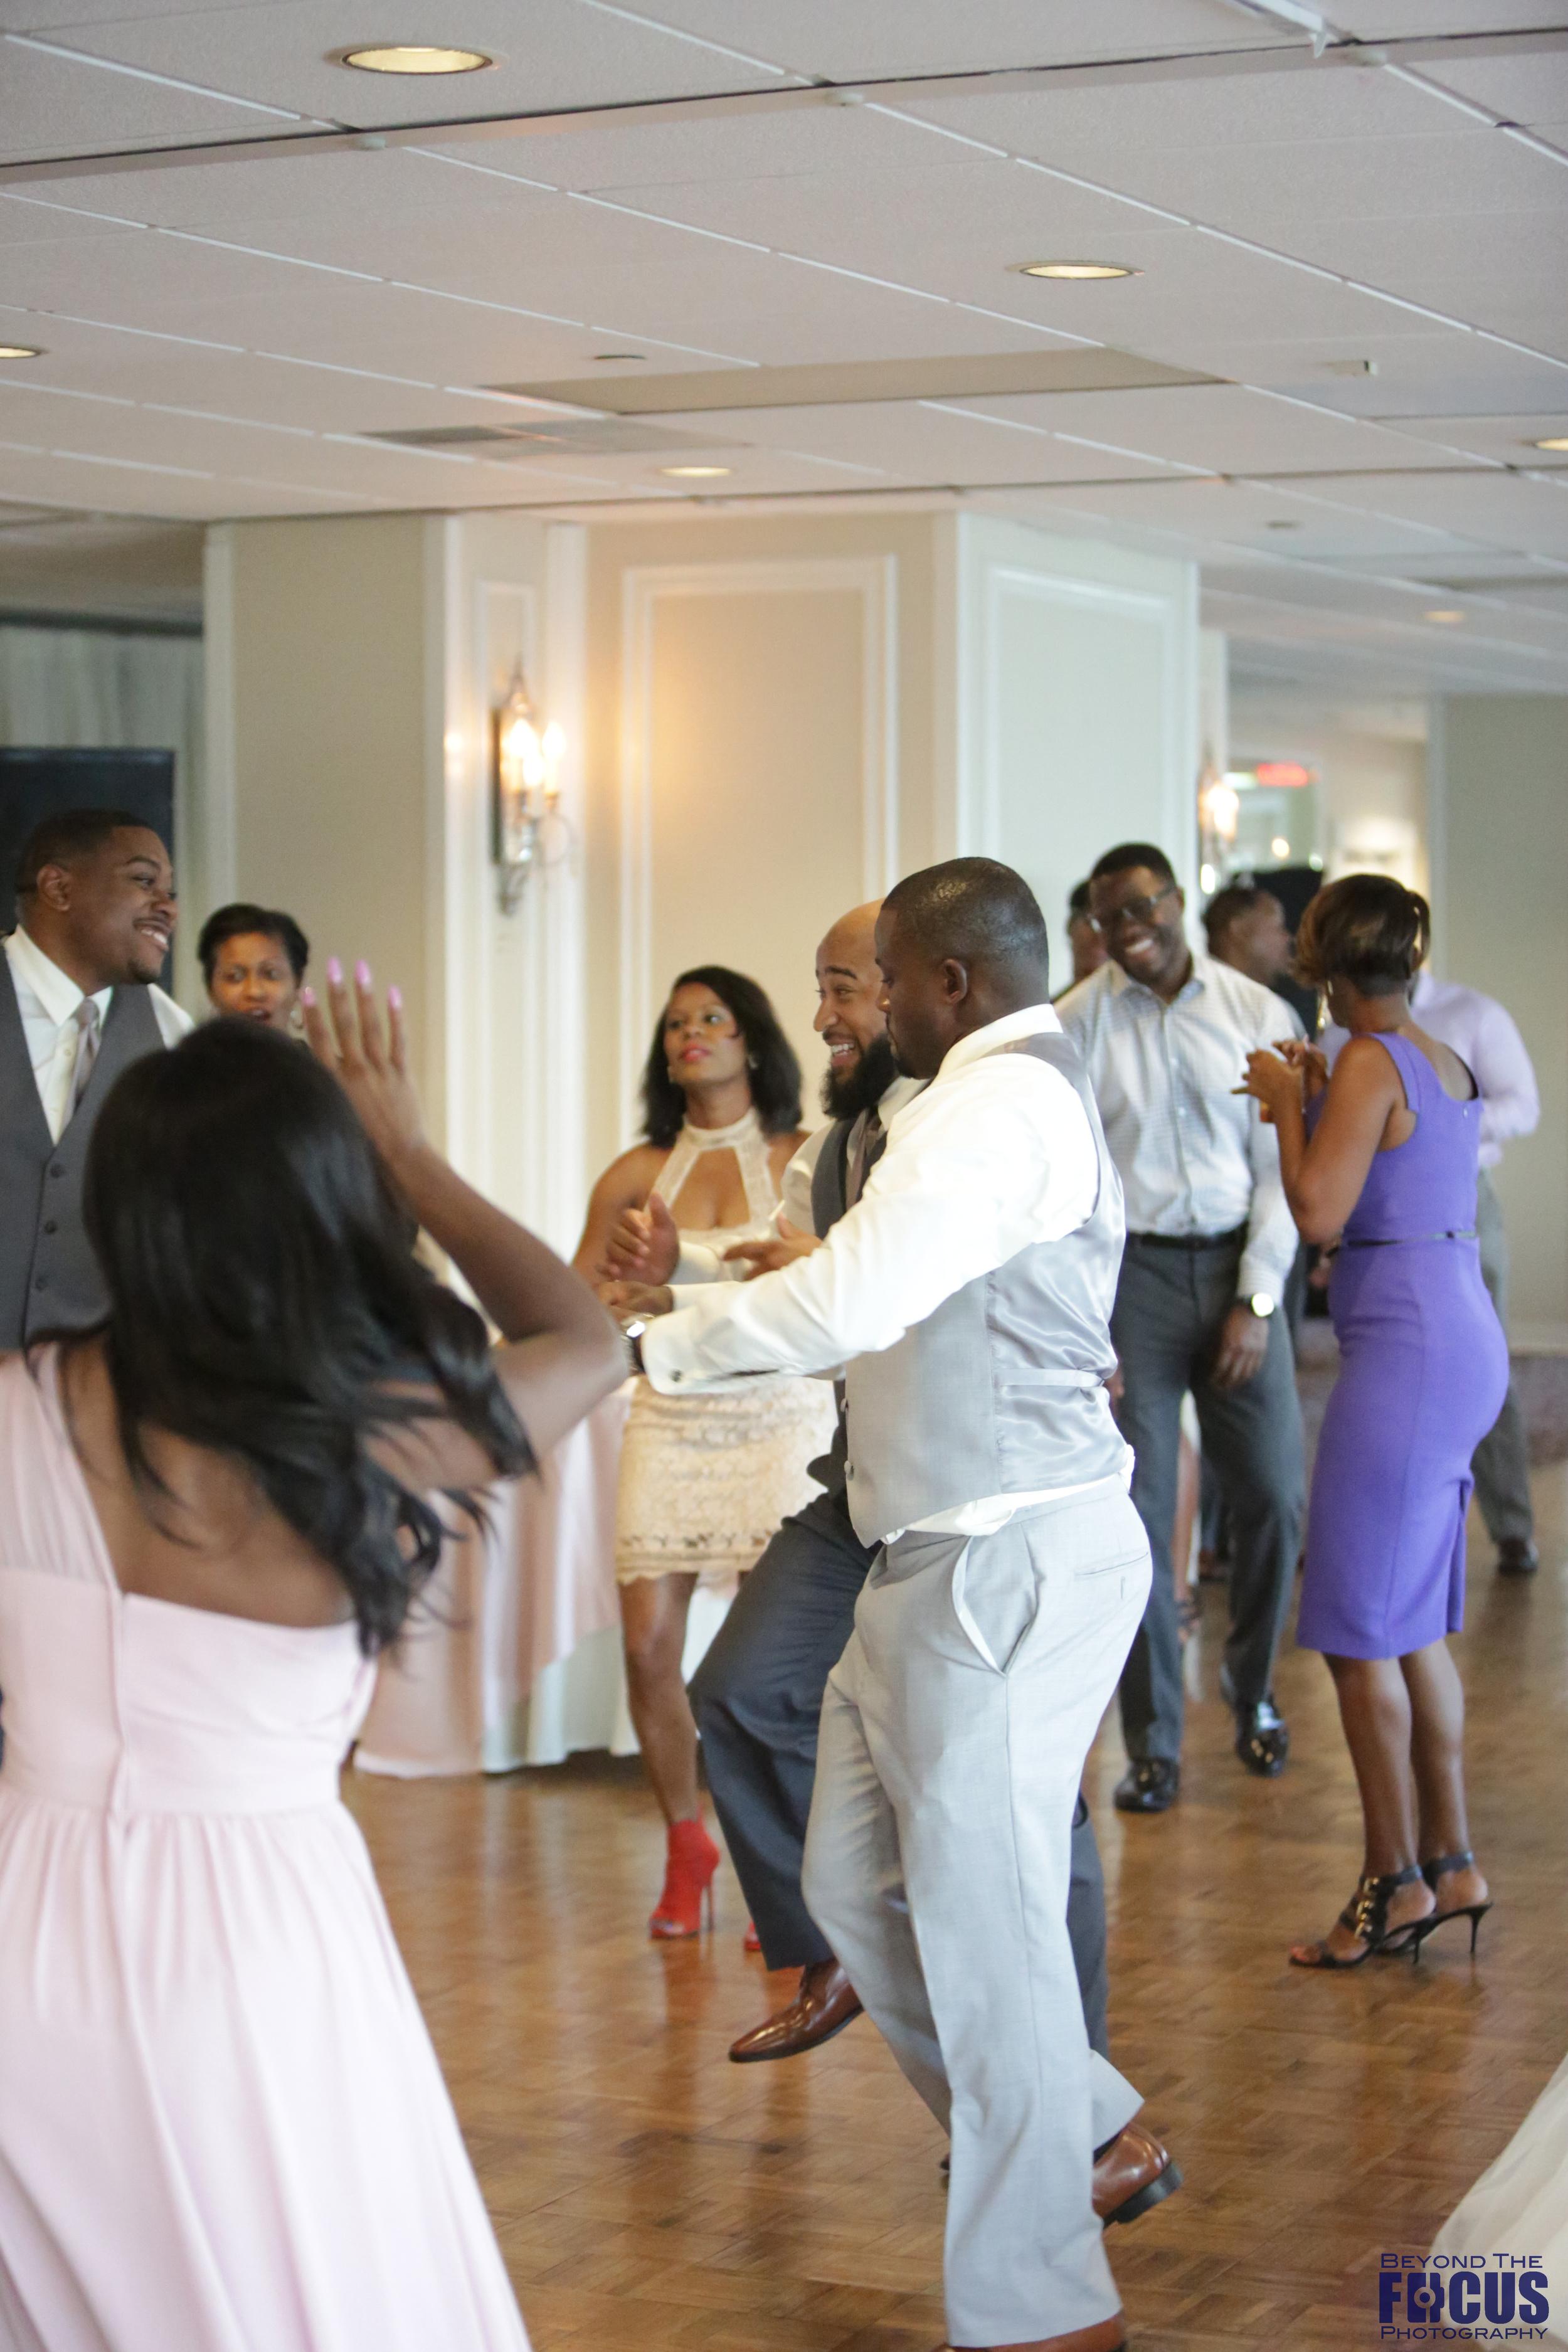 Palmer Wedding - Reception 266.jpg